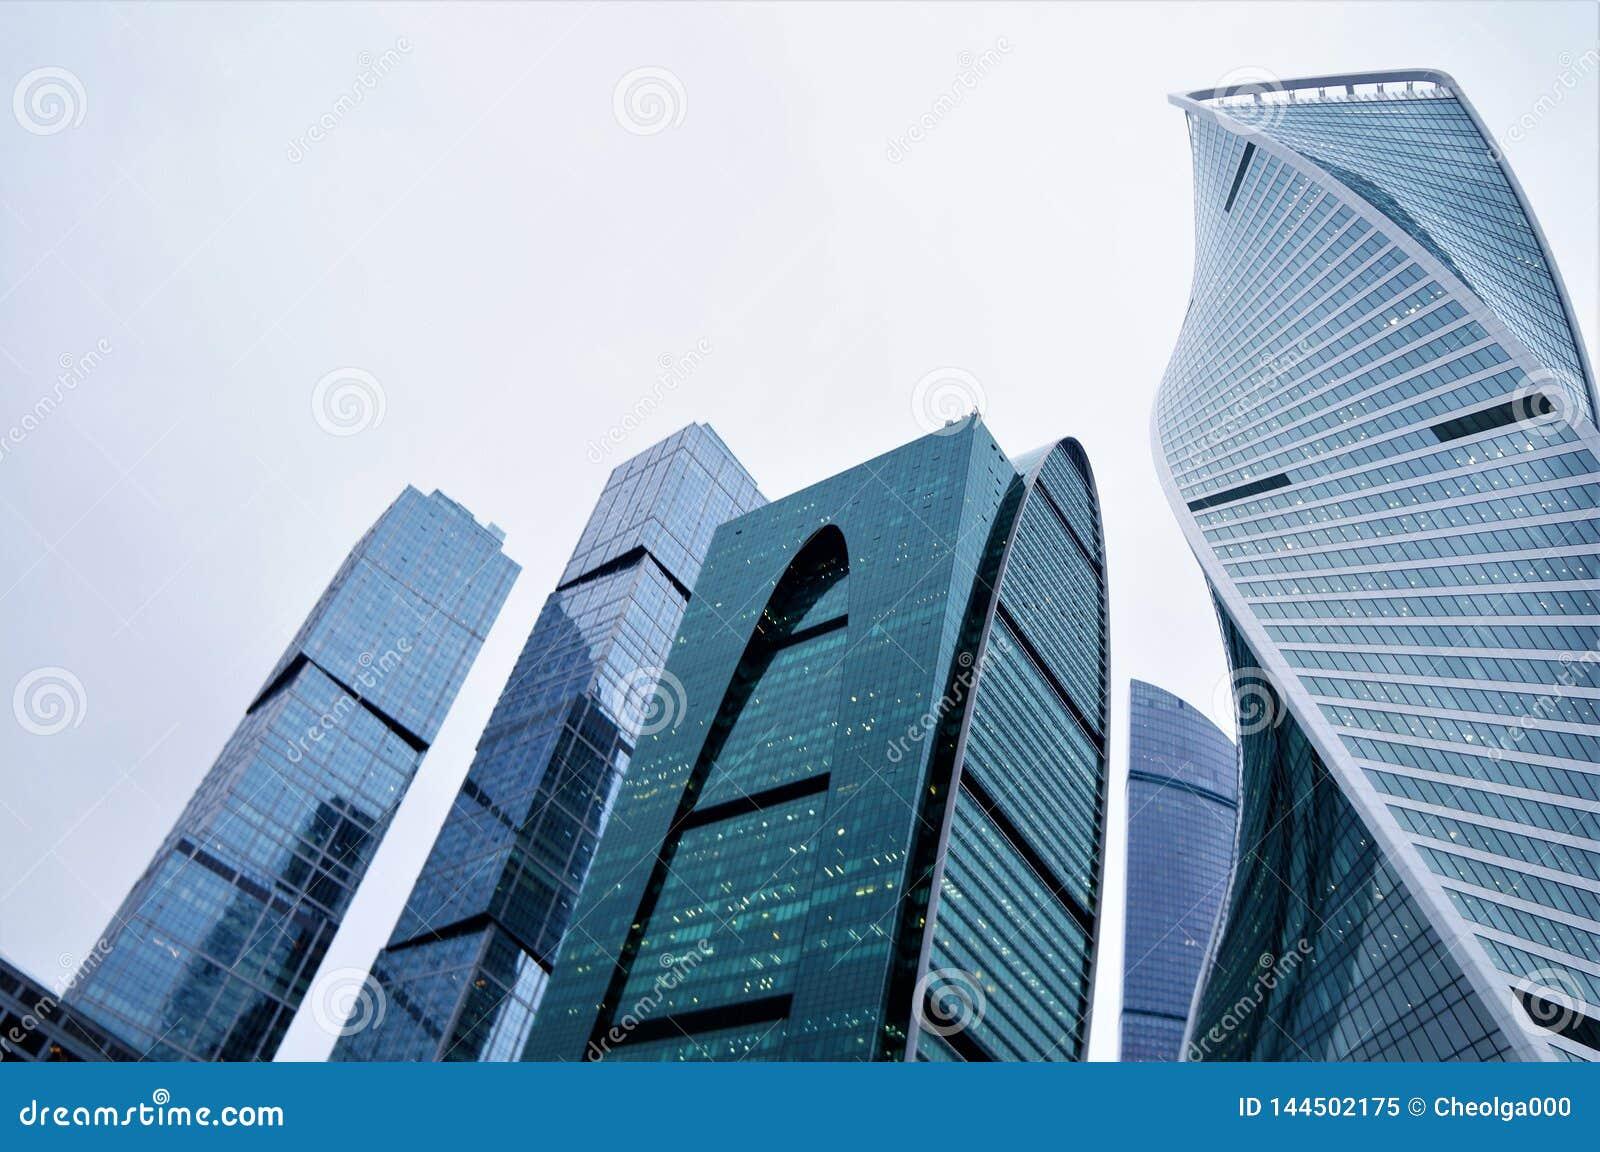 Февраль 2019 Россия moscow день kremlin moscow города напольный стеклянные многоэтажные здания делового центра голубое подкрашива